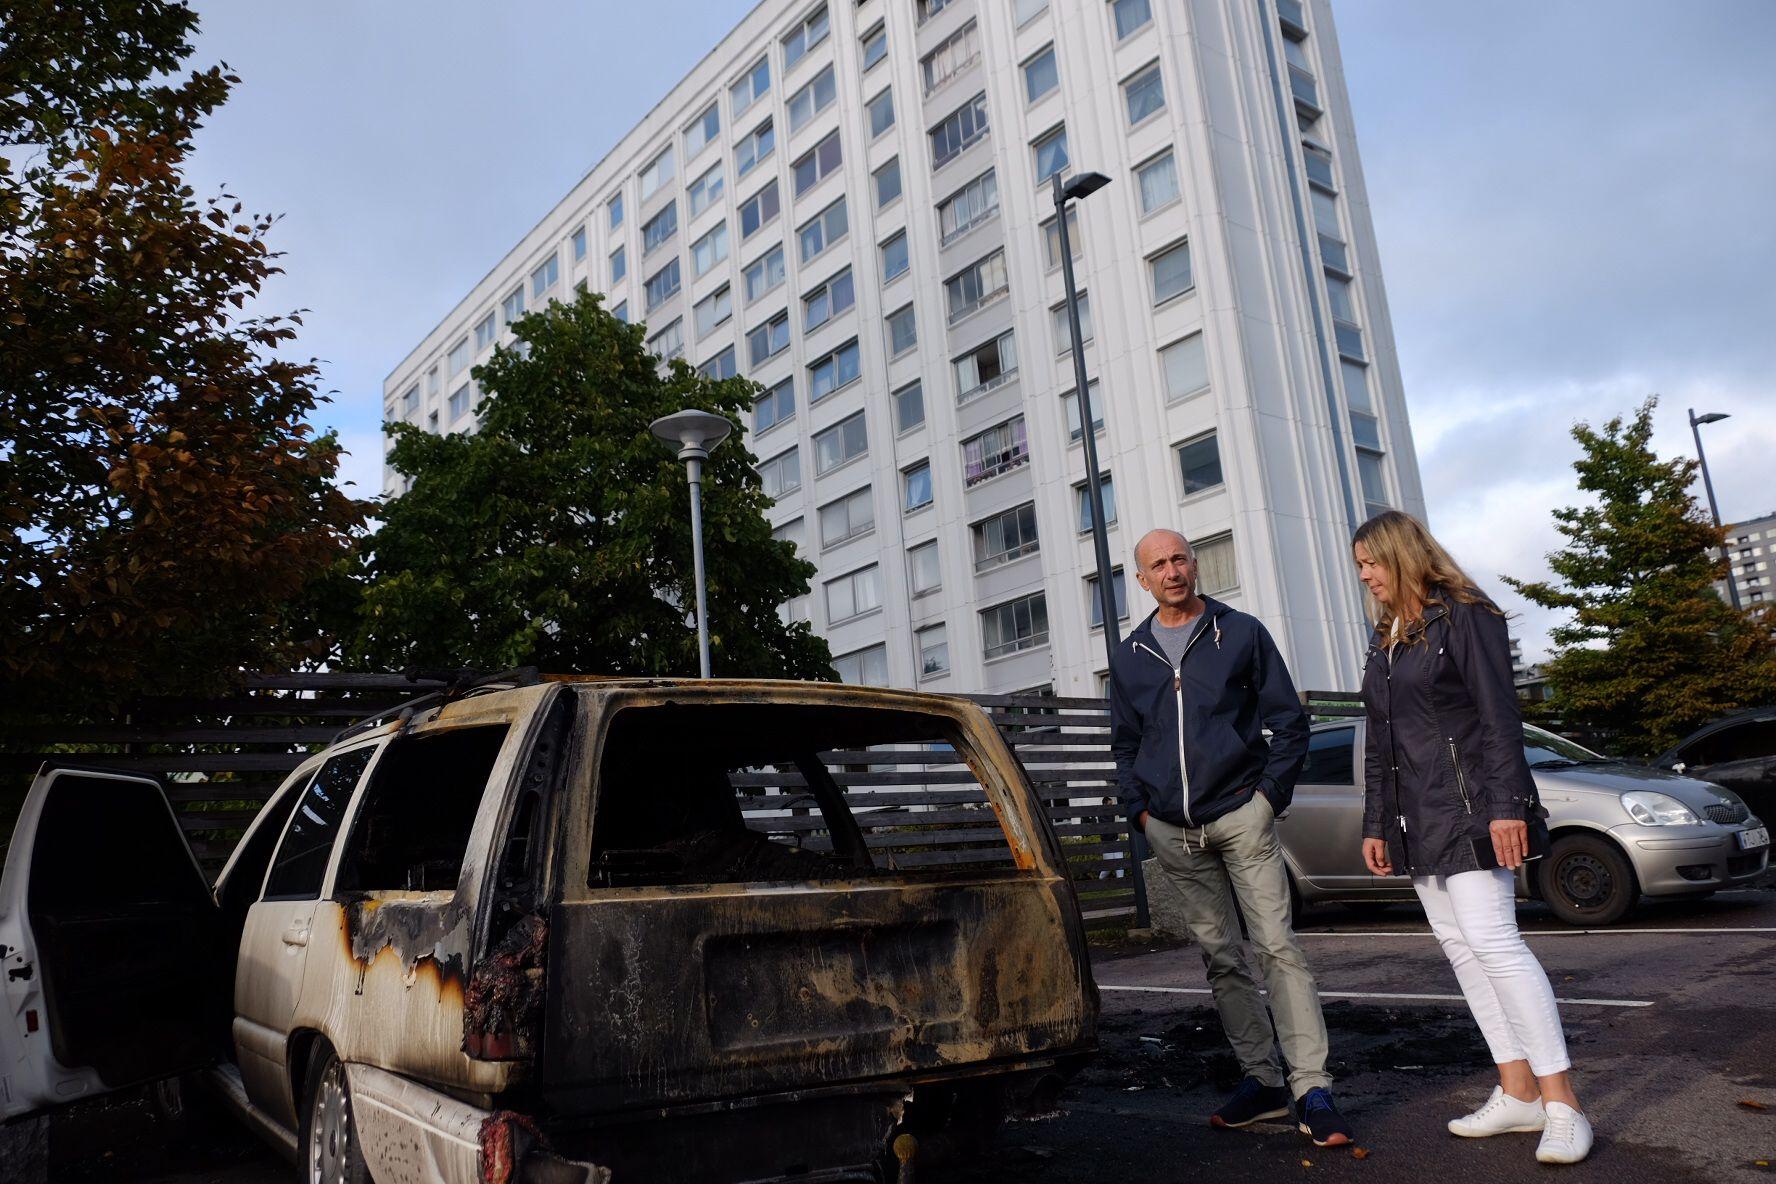 PÅTENT: Den trofaste Volvoen til Hamid Bakhtivari er et totalvrak dagen derpå. Nå lurer paret om de skal flytte fra bydelen sin. Til høyre samboeren Anita Laiho.